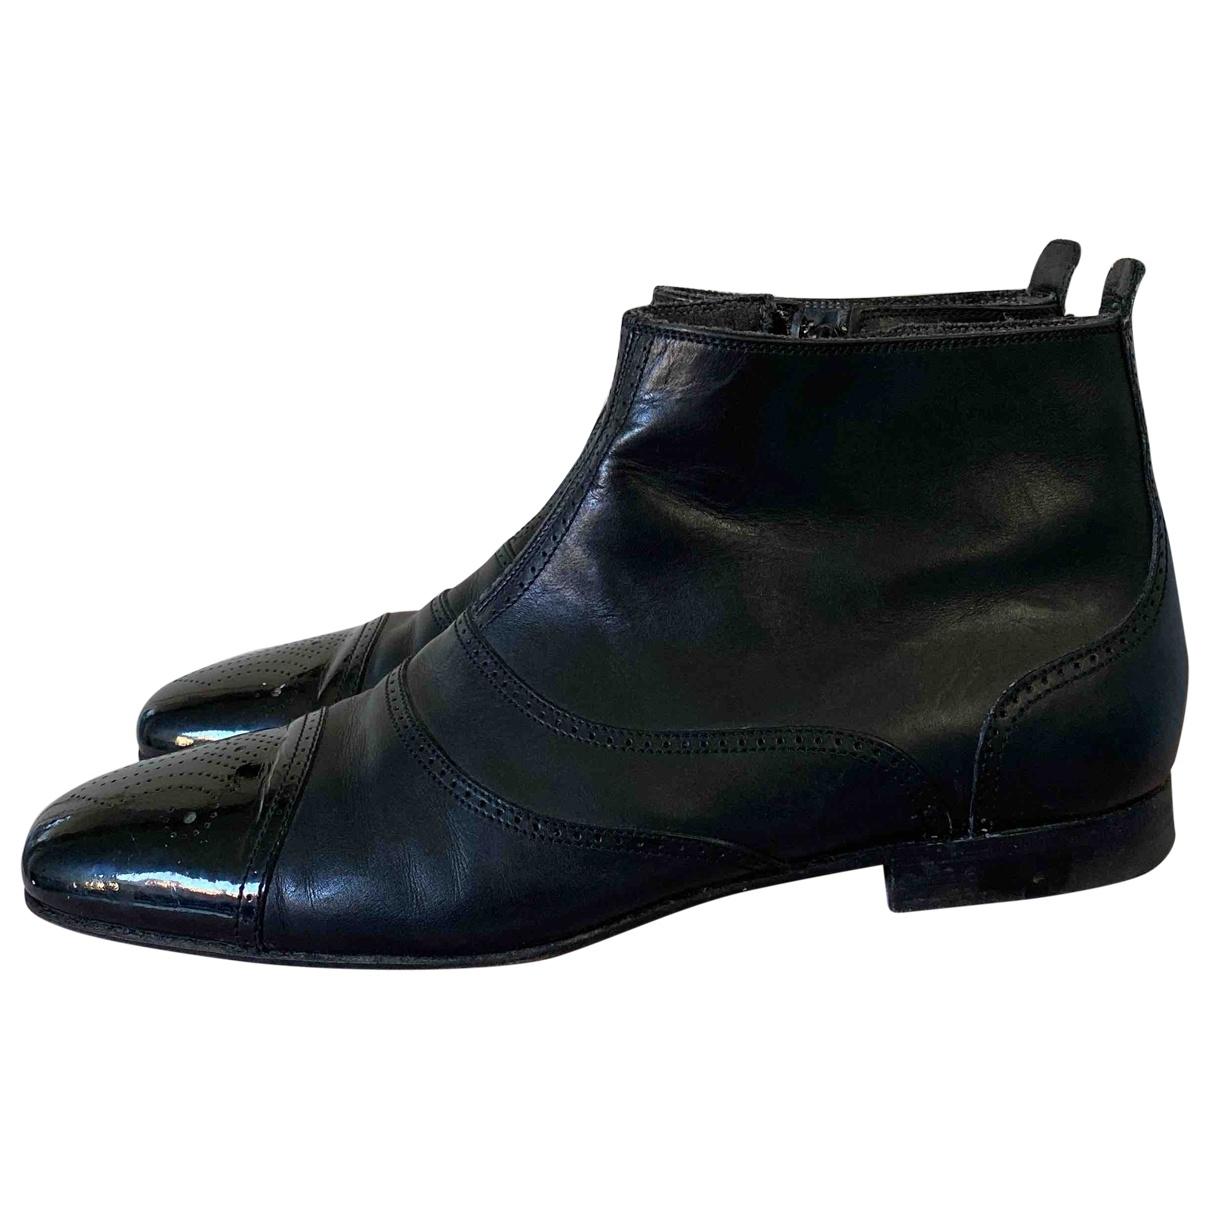 Bottega Veneta - Bottes.Boots   pour homme en cuir - noir